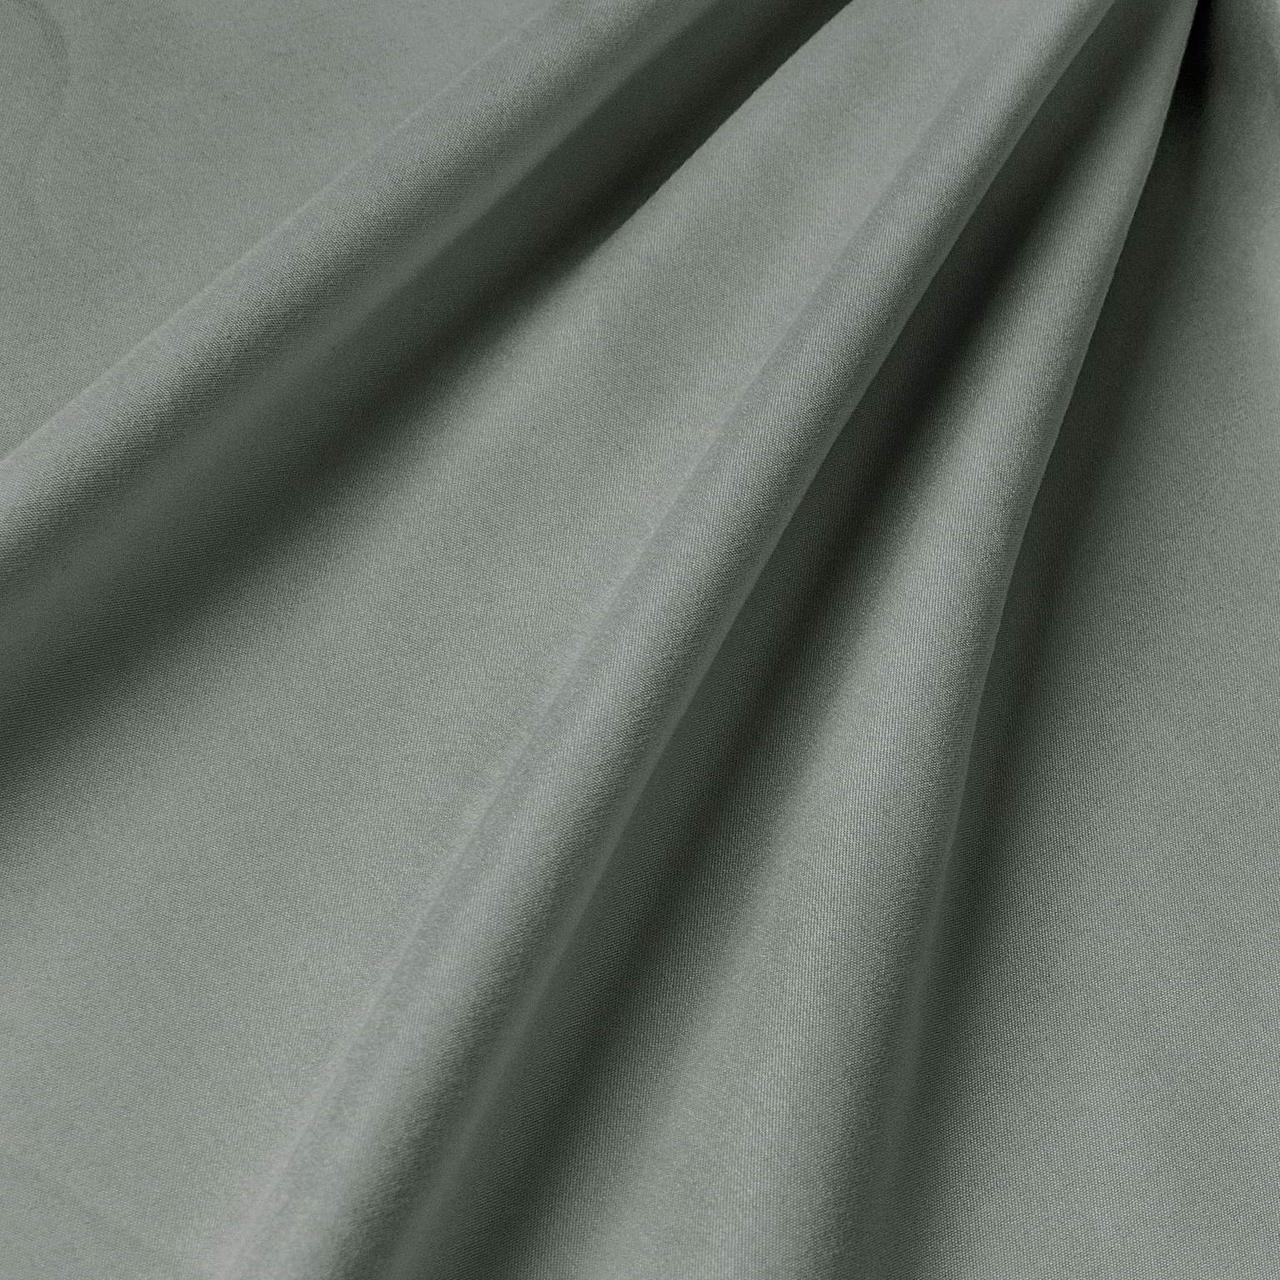 Подкладочная ткань с матовой фактурой (Испания) 83323v26